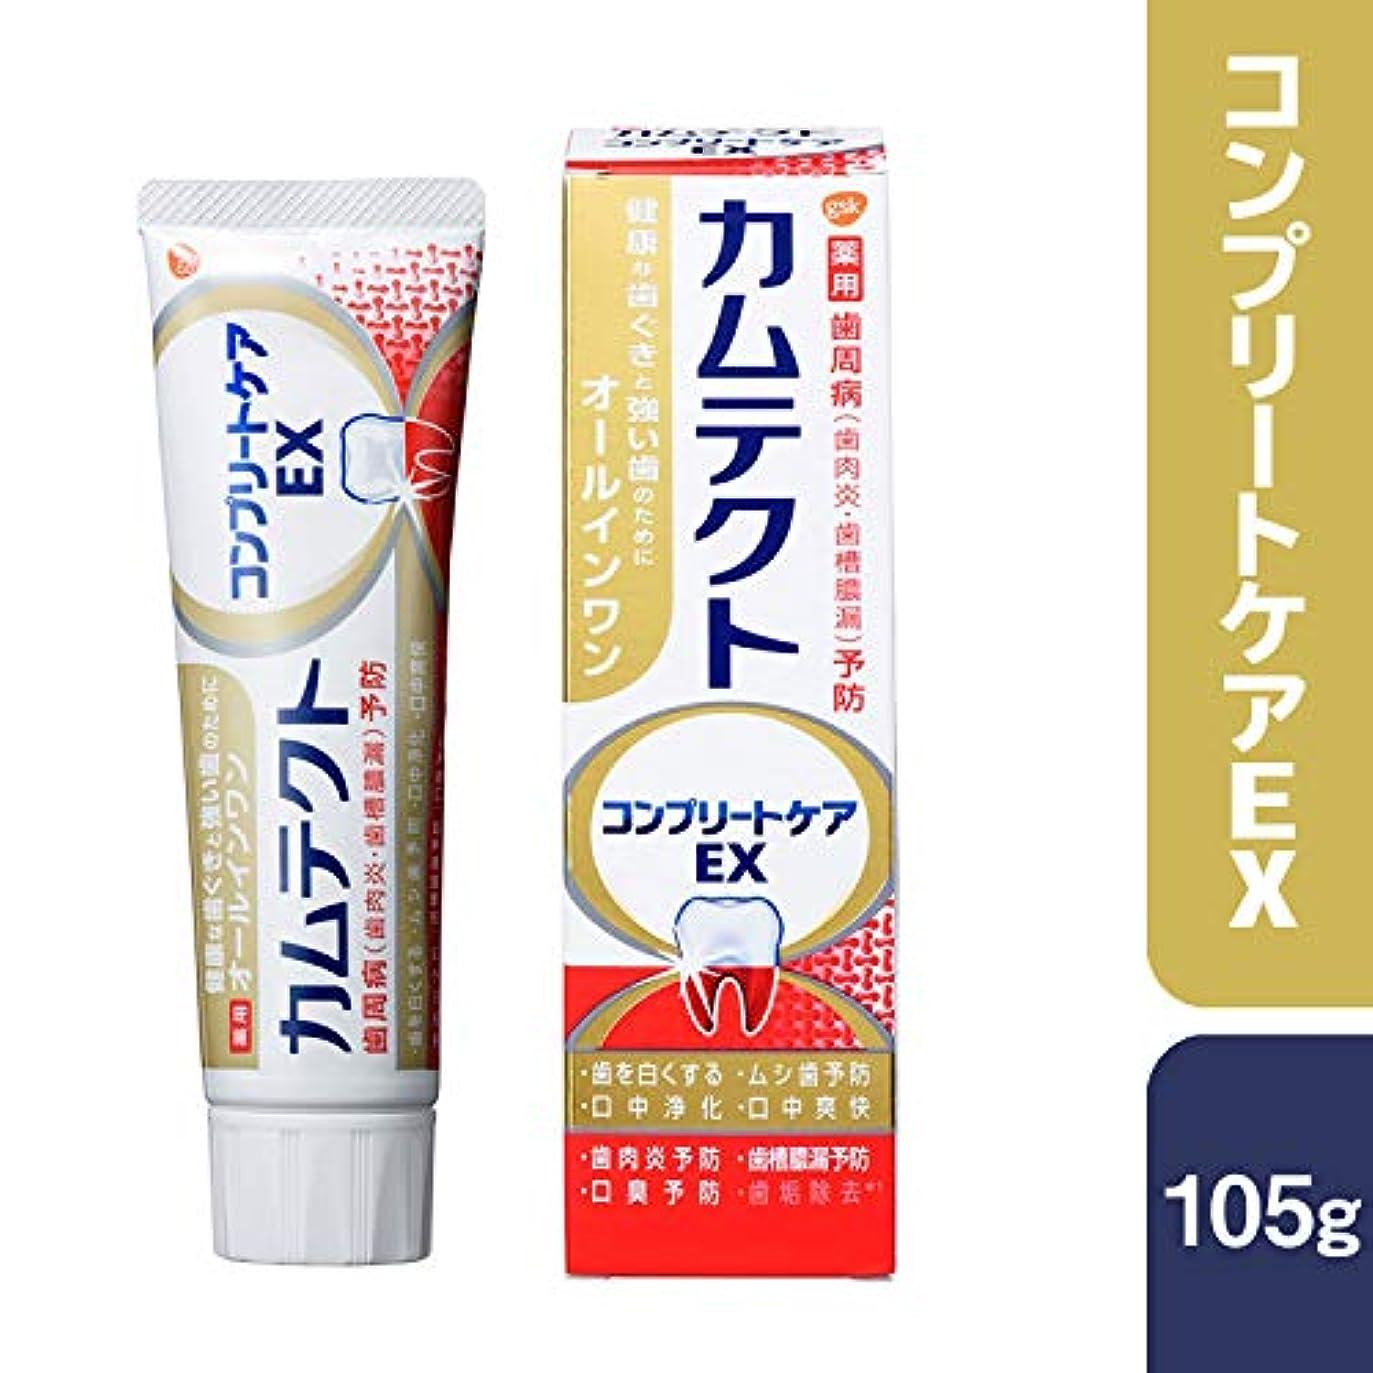 建設ファイル味わうカムテクト コンプリートケアEX 歯周病(歯肉炎?歯槽膿漏) 予防 歯磨き粉 105g